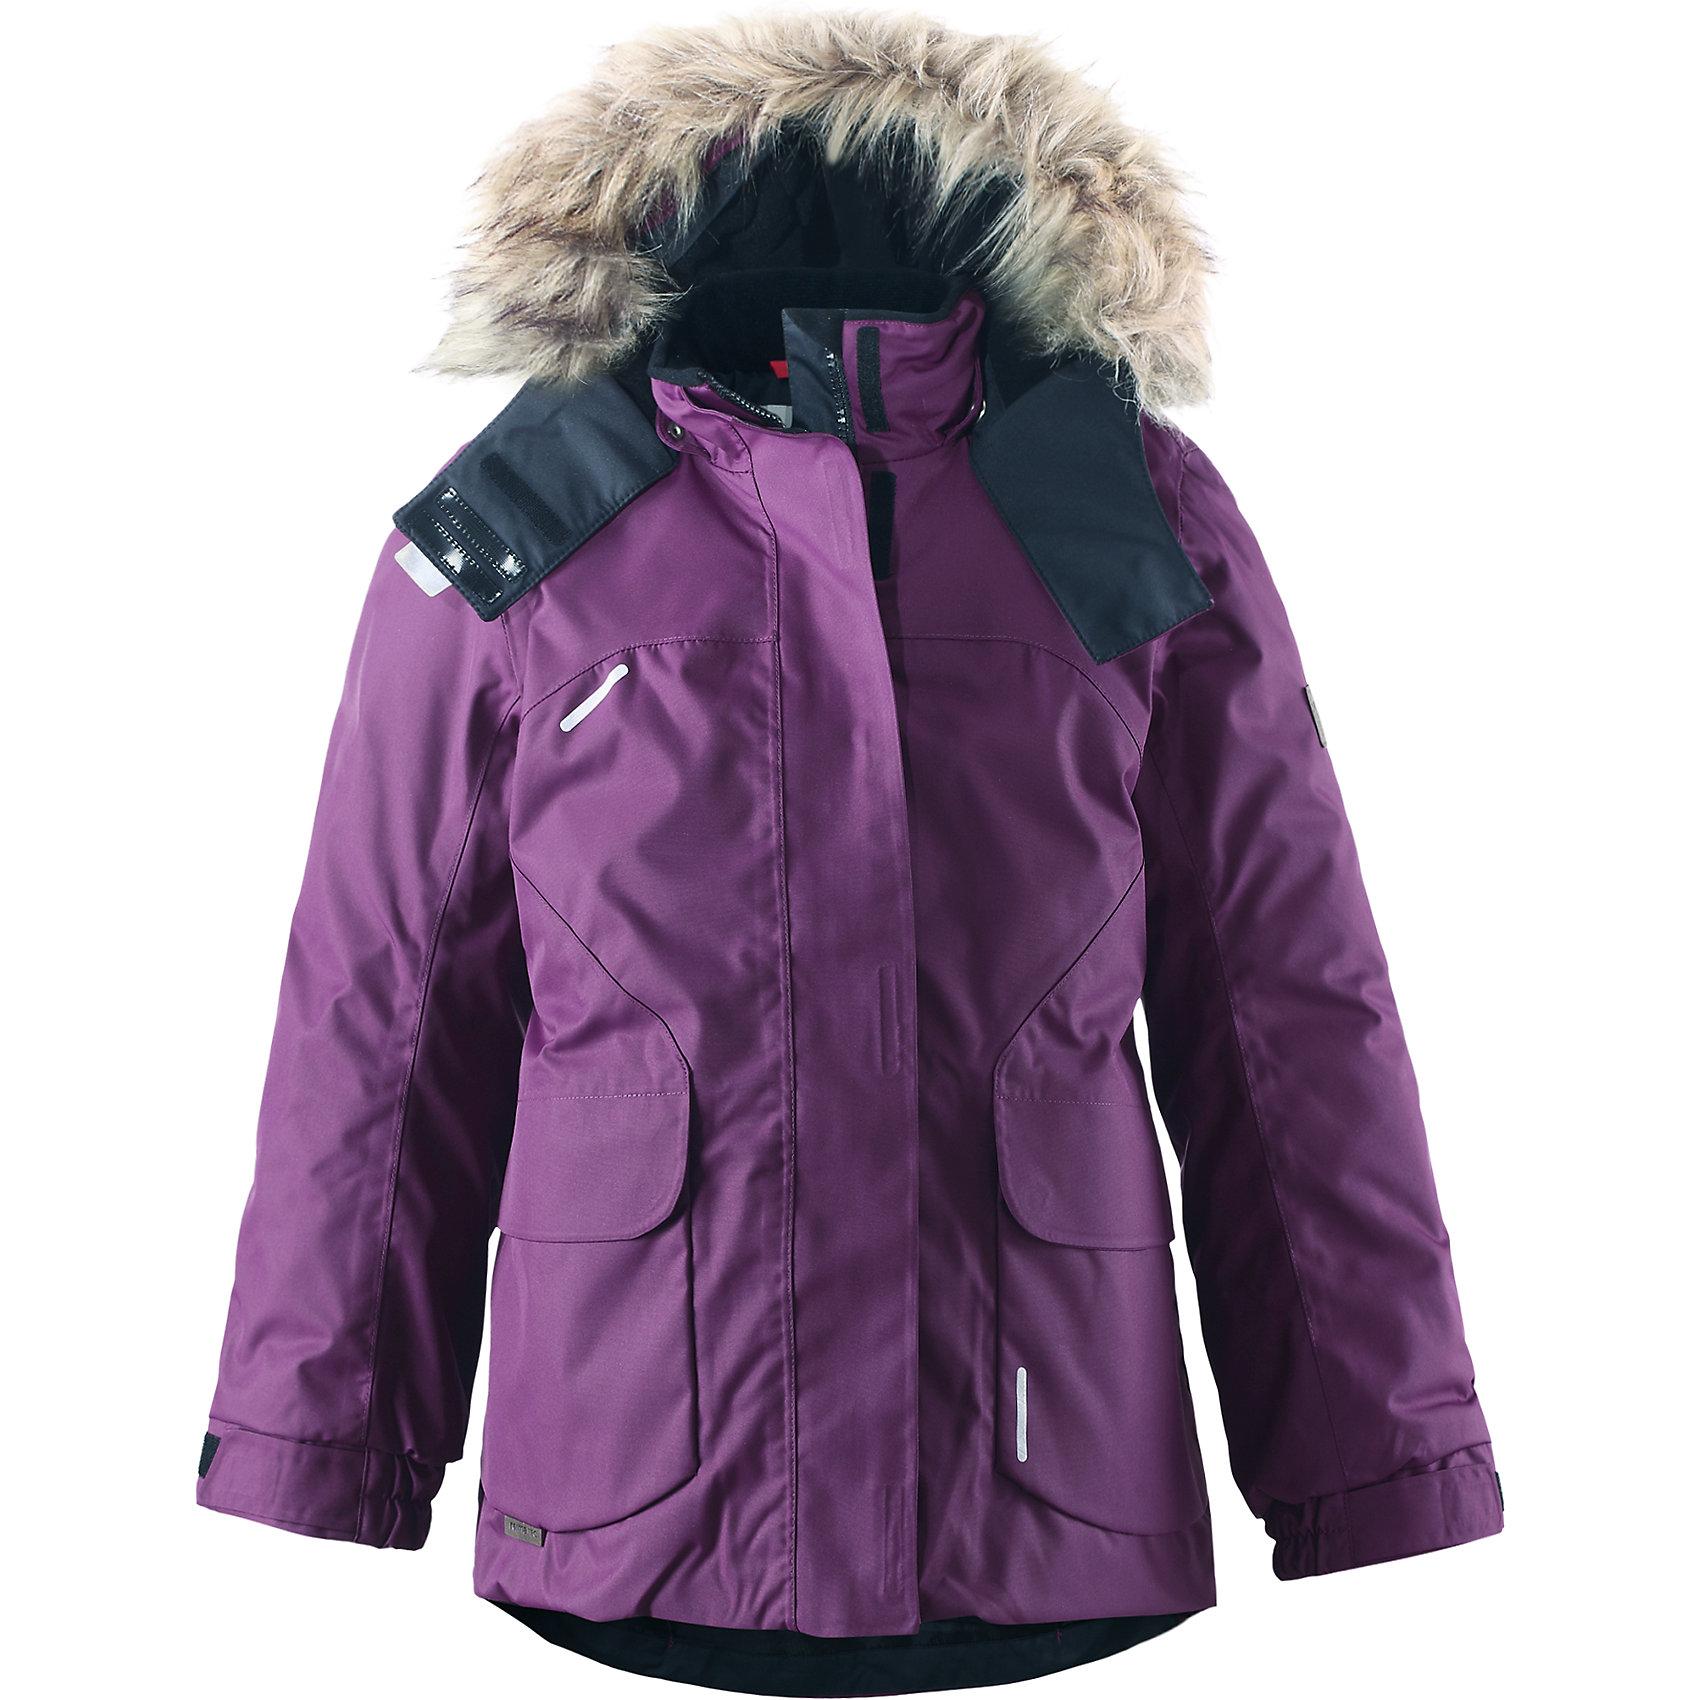 Куртка Sisarus для девочки Reimatec® ReimaКуртка для девочки Reimatec® Reima<br>Зимняя куртка для подростков. Все швы проклеены и водонепроницаемы. Водо- и ветронепроницаемый, «дышащий» и грязеотталкивающий материал. Крой для девочек. Гладкая подкладка из полиэстра. Безопасный съемный капюшон с отсоединяемой меховой каймой из искусственного меха. Регулируемый манжет на липучке.Эластичный пояс сзади. Два кармана с клапанами. .Логотип Reima® на рукаве. Безопасные светоотражающие детали. Петля для дополнительных светоотражающих деталей.<br>Утеплитель: Reima® Comfort+ insulation,160 g<br>Уход:<br>Стирать по отдельности, вывернув наизнанку. Перед стиркой отстегните искусственный мех. Застегнуть молнии и липучки. Стирать моющим средством, не содержащим отбеливающие вещества. Полоскать без специального средства. Во избежание изменения цвета изделие необходимо вынуть из стиральной машинки незамедлительно после окончания программы стирки. Можно сушить в сушильном шкафу или центрифуге (макс. 40° C).<br>Состав:<br>100% Полиамид, полиуретановое покрытие<br><br>Ширина мм: 356<br>Глубина мм: 10<br>Высота мм: 245<br>Вес г: 519<br>Цвет: фиолетовый<br>Возраст от месяцев: 96<br>Возраст до месяцев: 108<br>Пол: Женский<br>Возраст: Детский<br>Размер: 134,158,152,164,104,116,110,128,122,140,146<br>SKU: 4778399